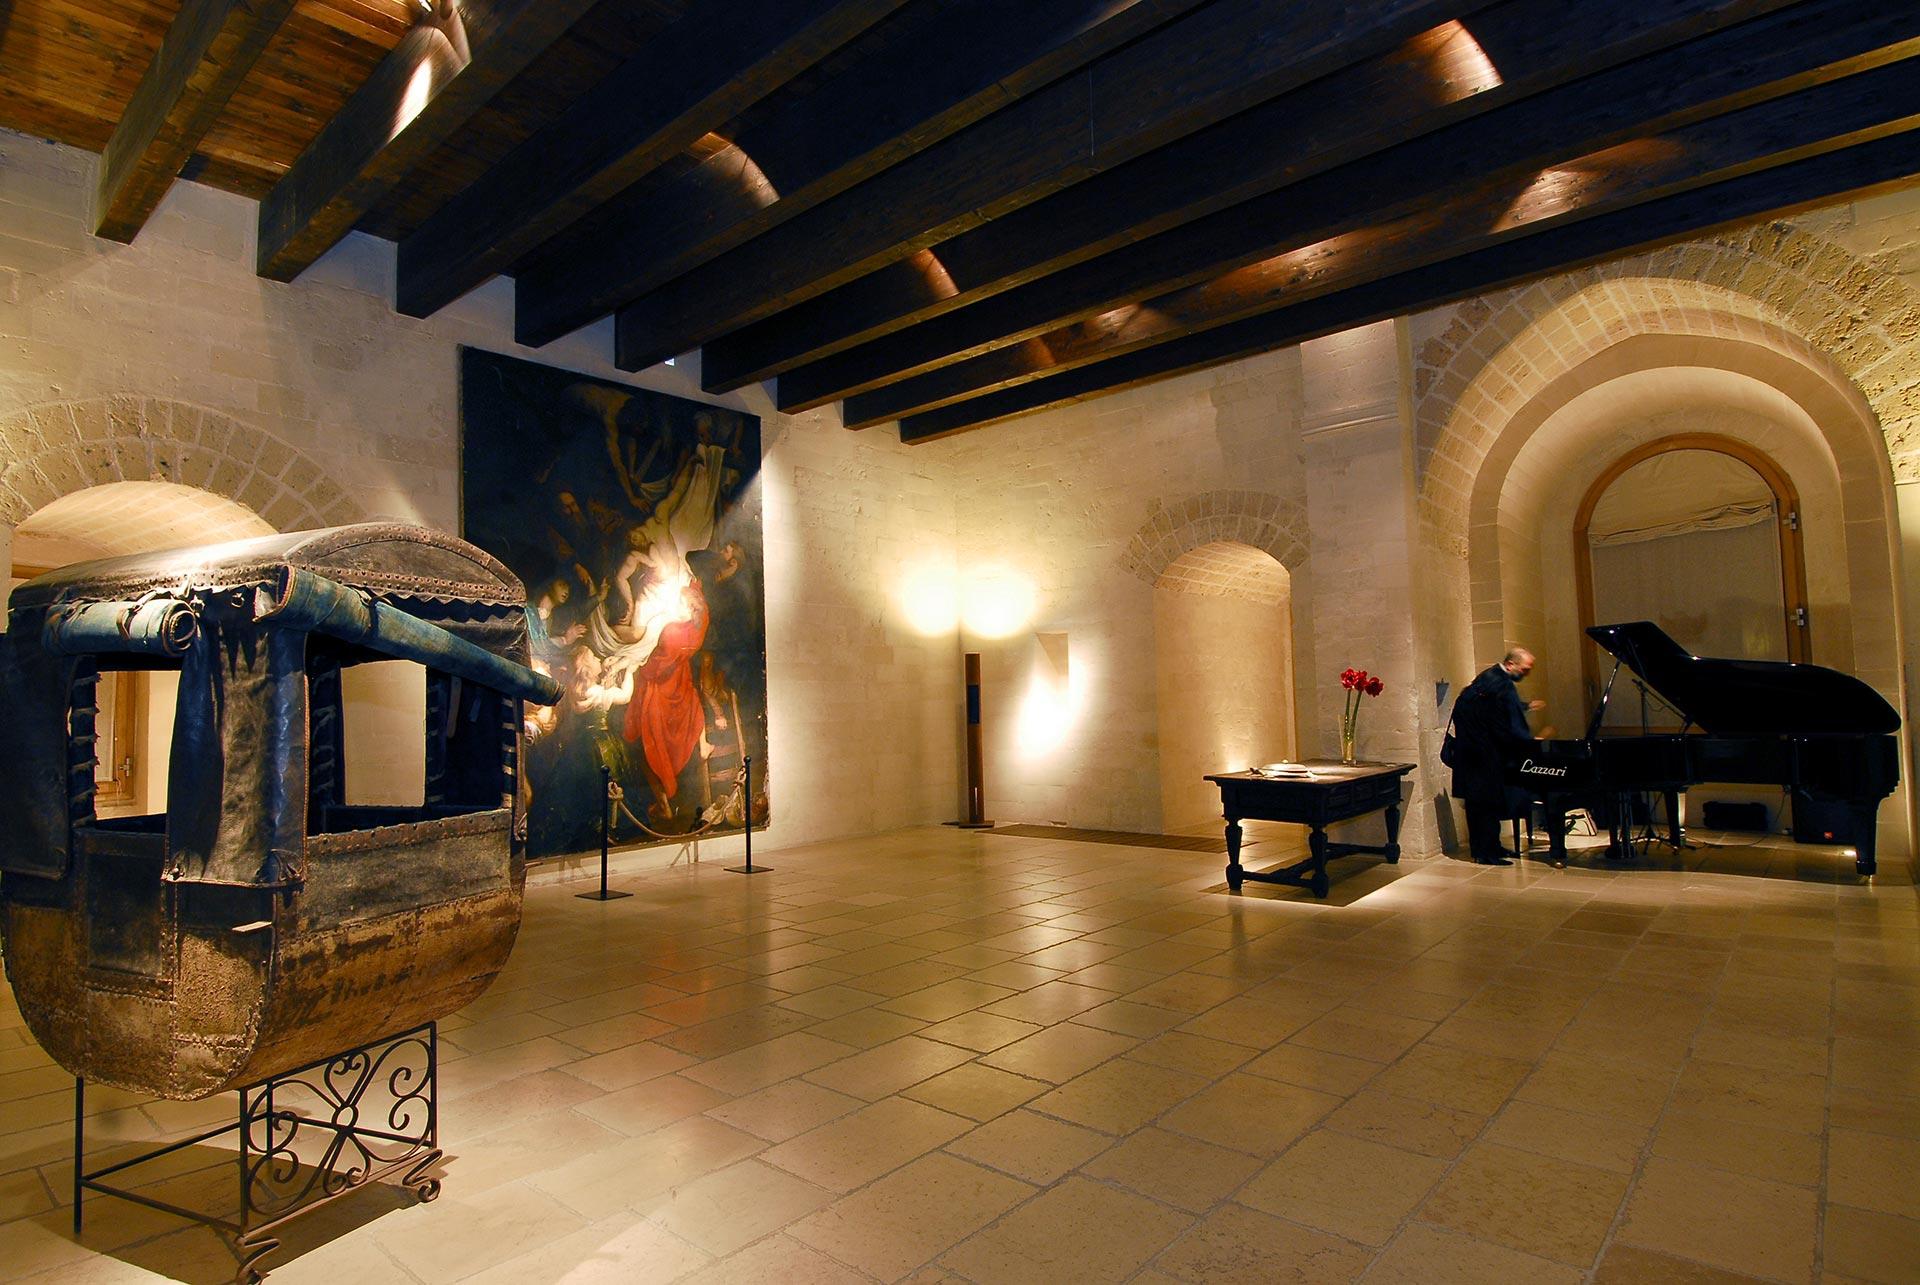 Sala Maria D'Enghien (gallery)